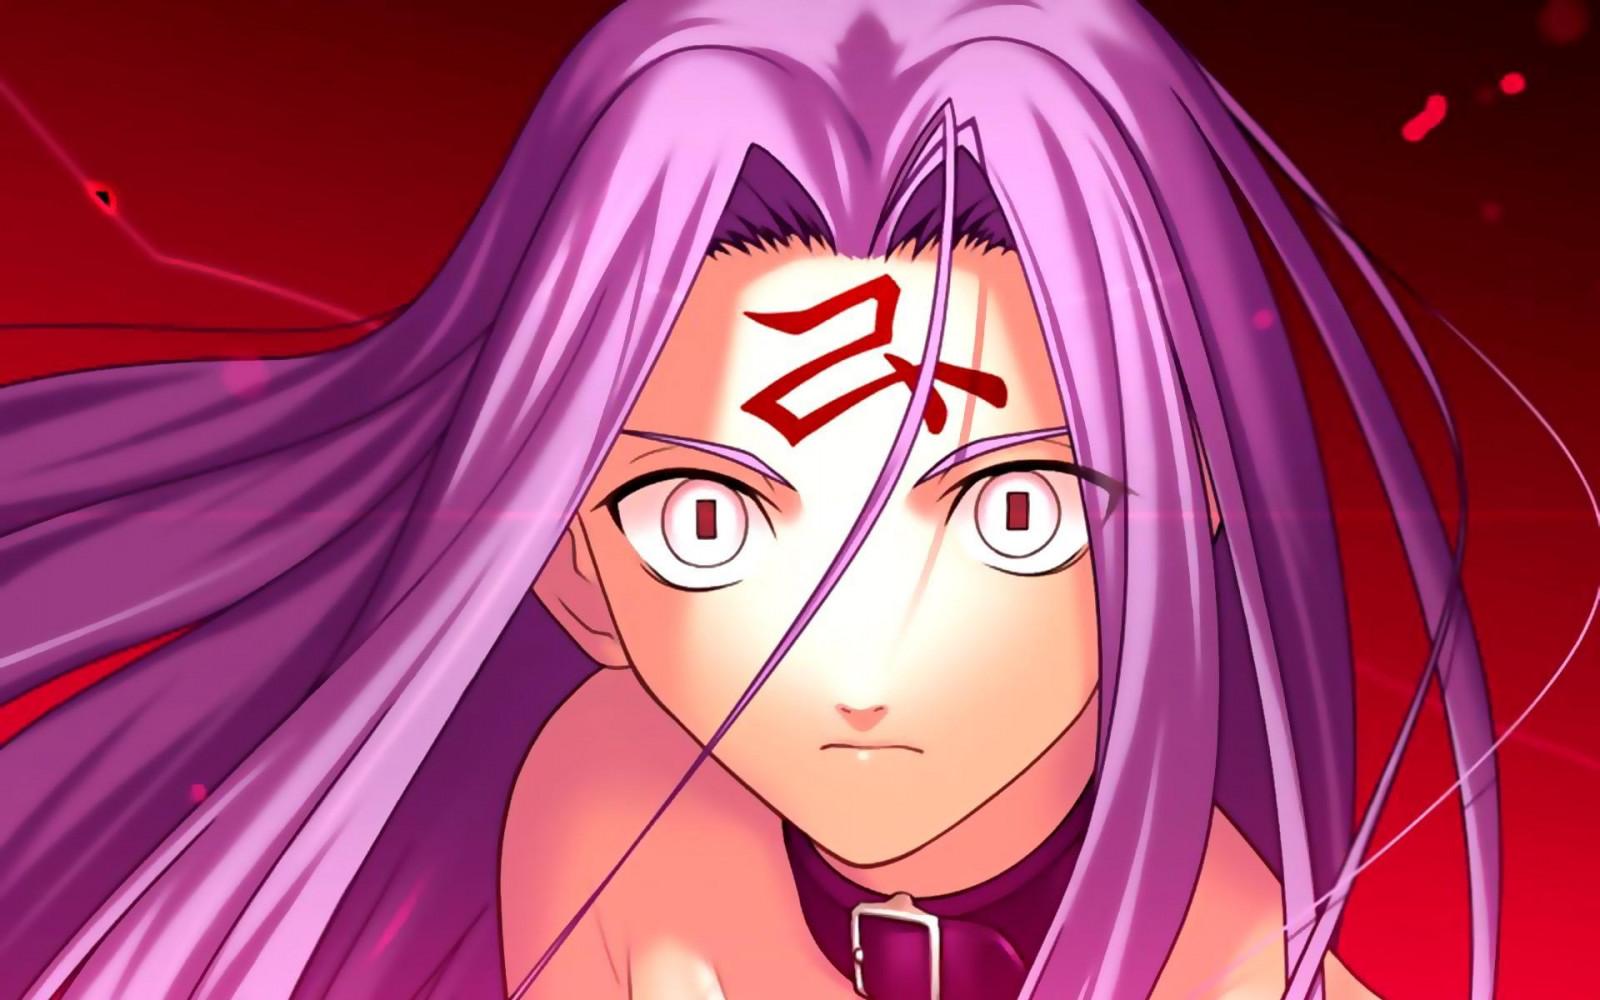 fondos de pantalla  ilustracion pelo largo anime